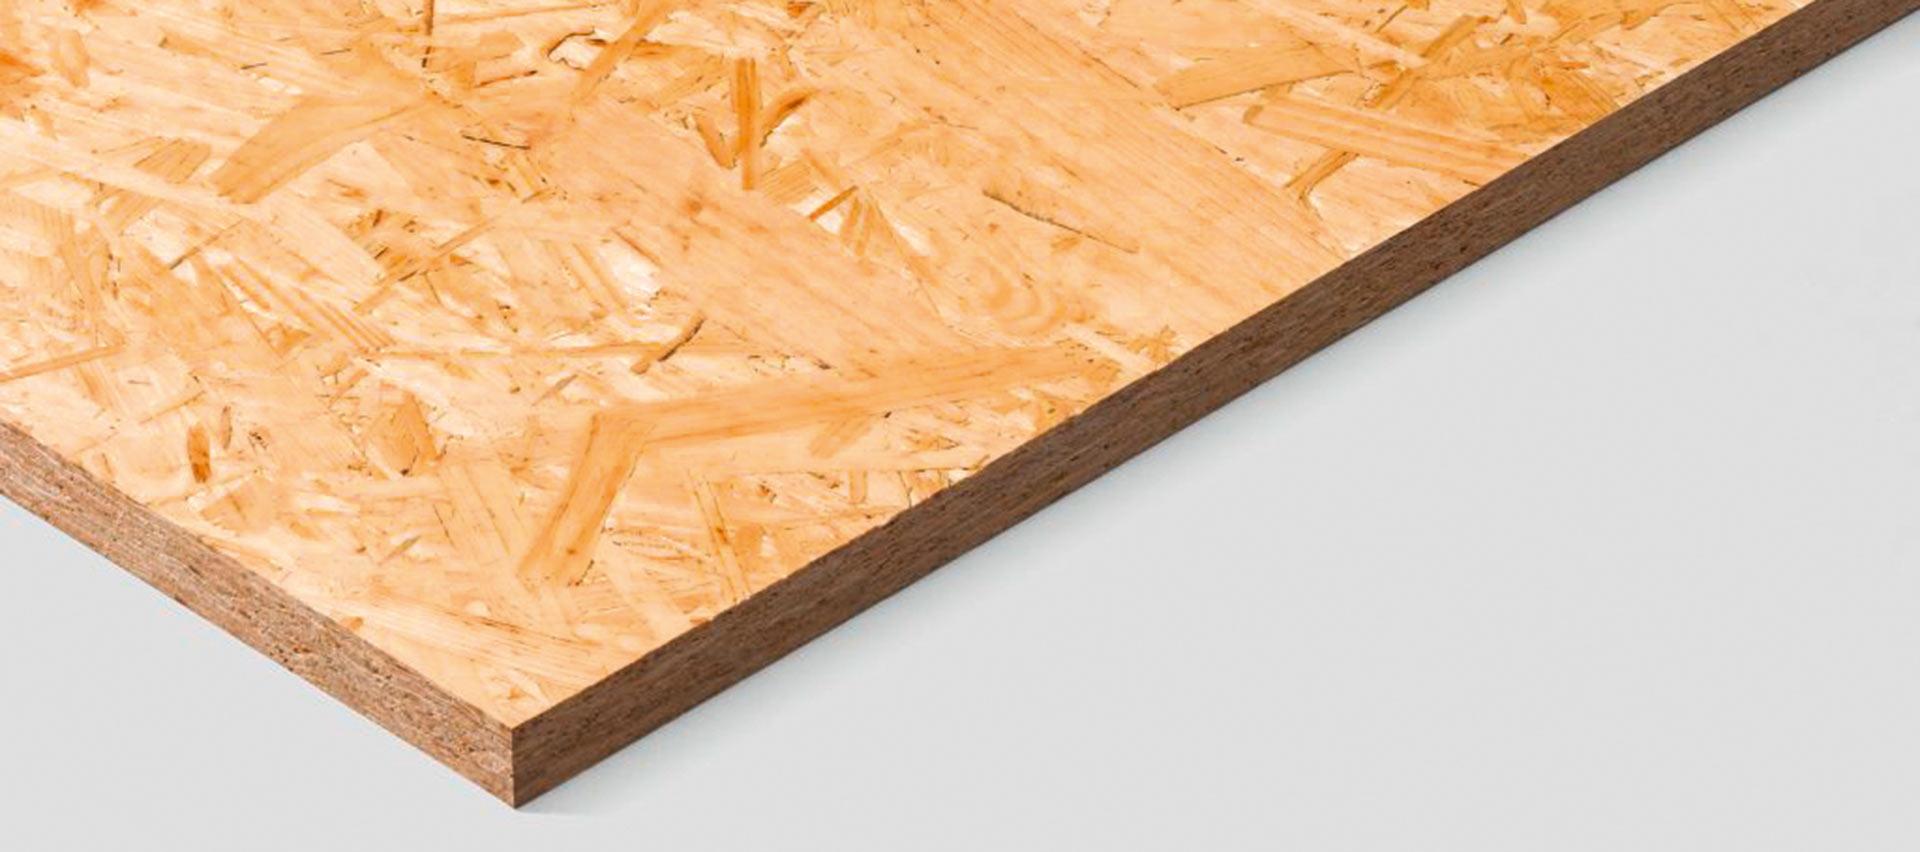 Bauholz Platten von Holz-Hauff in Leingarten